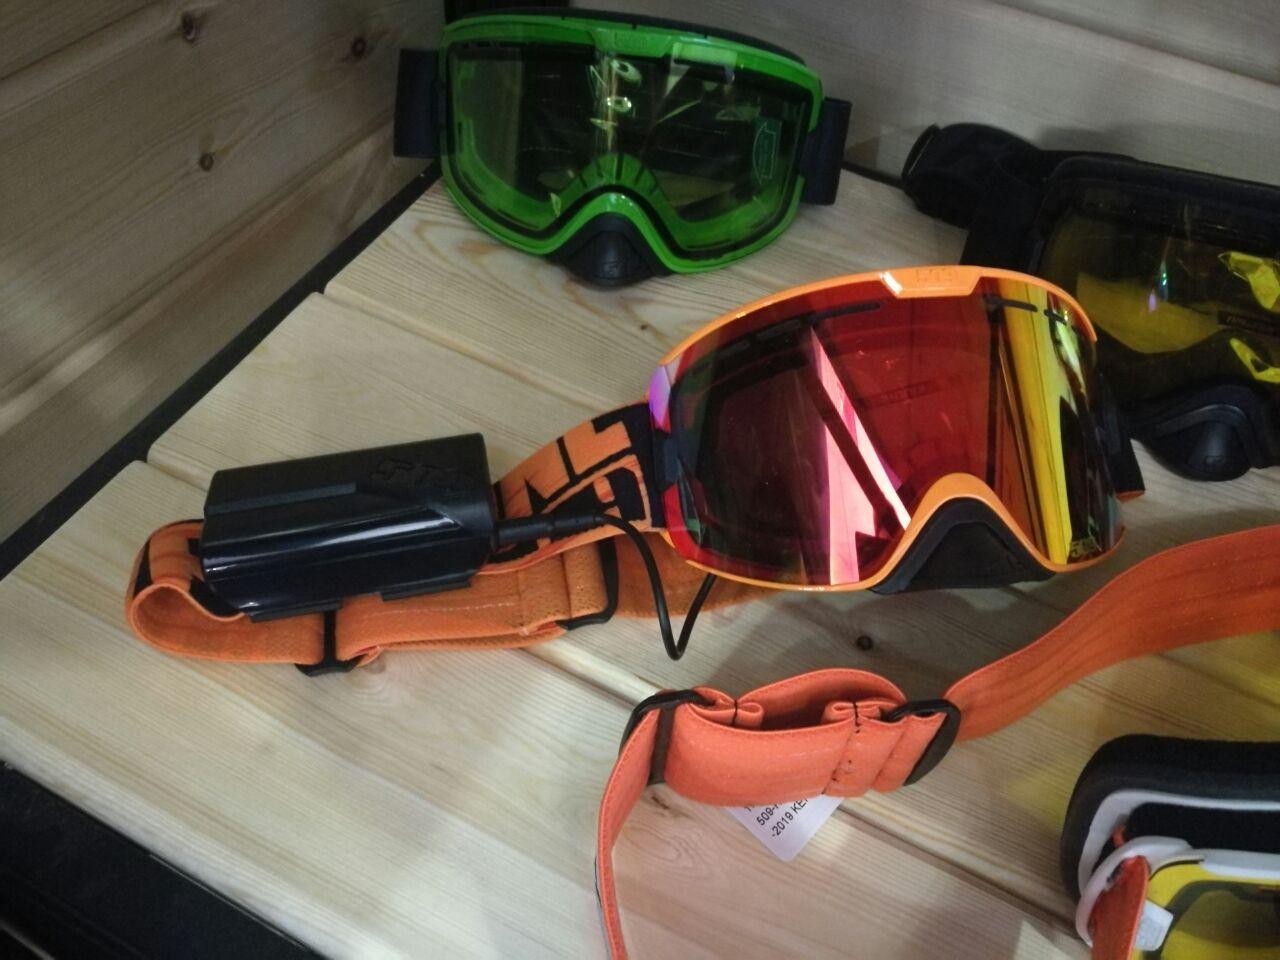 Очки для сноуборда ABOM, купить очки для сноуборда ABOM, купить очки ABOM